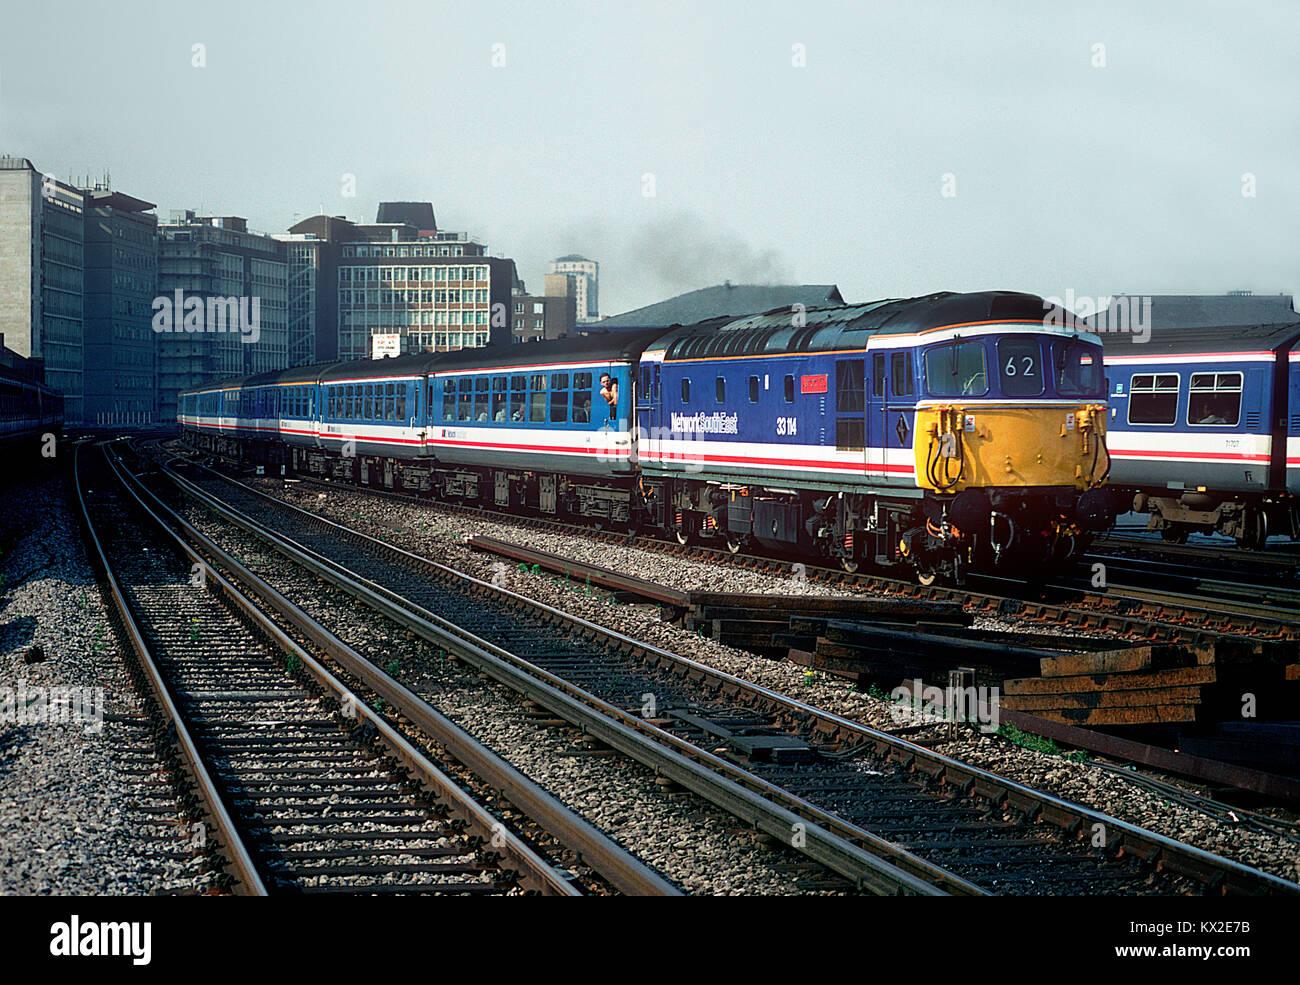 Nel maggio 1992 33114 è stato ridipinto in rete i colori del sud-est e denominato 'Ashford 150'. La celebrità Crompton è visto lavorare un 'Network Express di servizio alla Vauxhall. Il 29 luglio 1992. Foto Stock